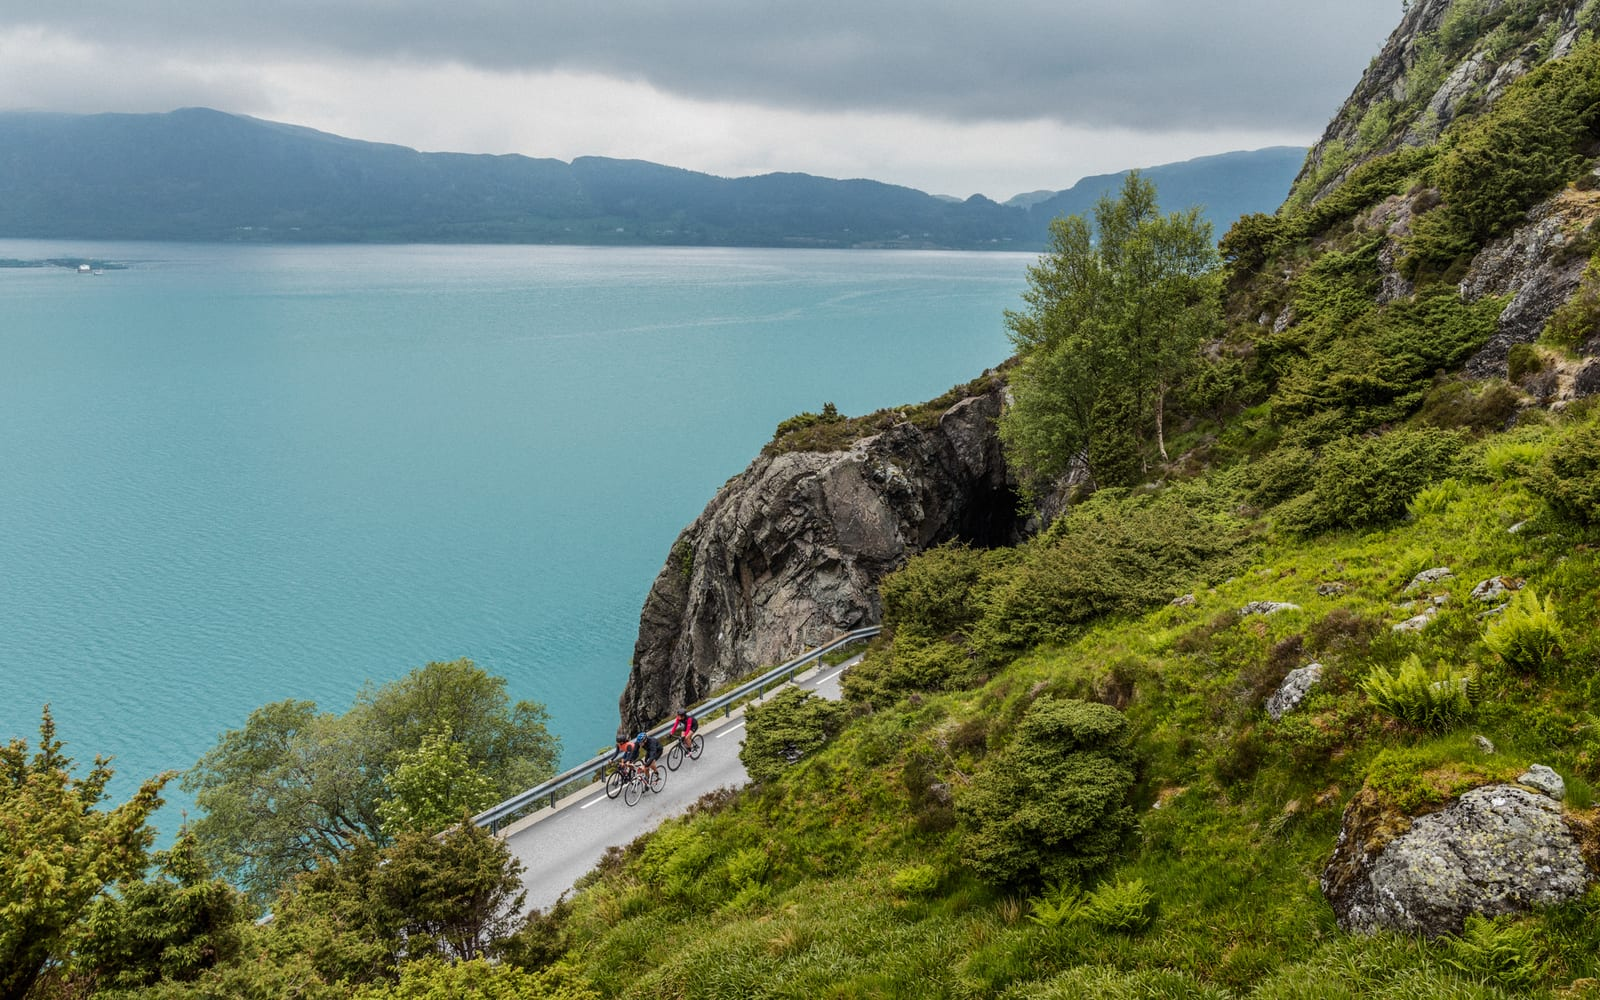 101 KM NYTELSE: Dette vestlandseventyret begynner i Førde og avslutter i Askvoll, med en liten omvei om Naustdal. Bilde: Magnus Roaldset Furset